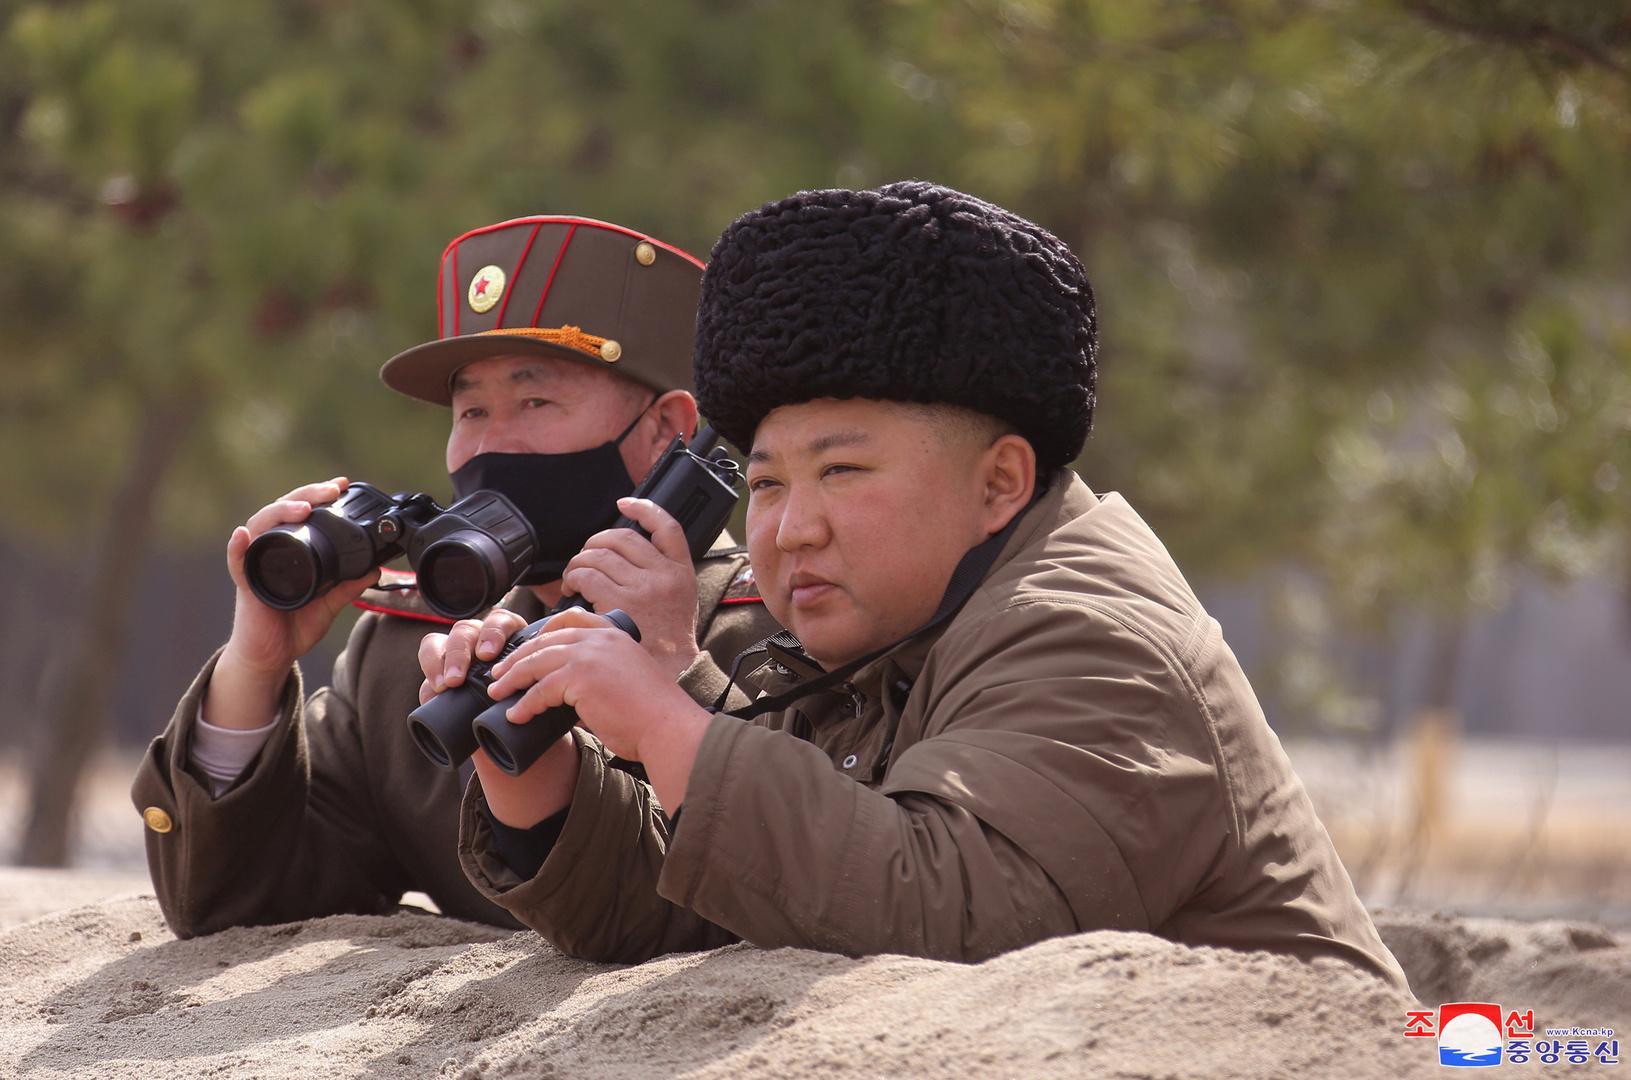 زعيم كوريا الشمالية يشرف على تجارب صاروخية ومدفعية